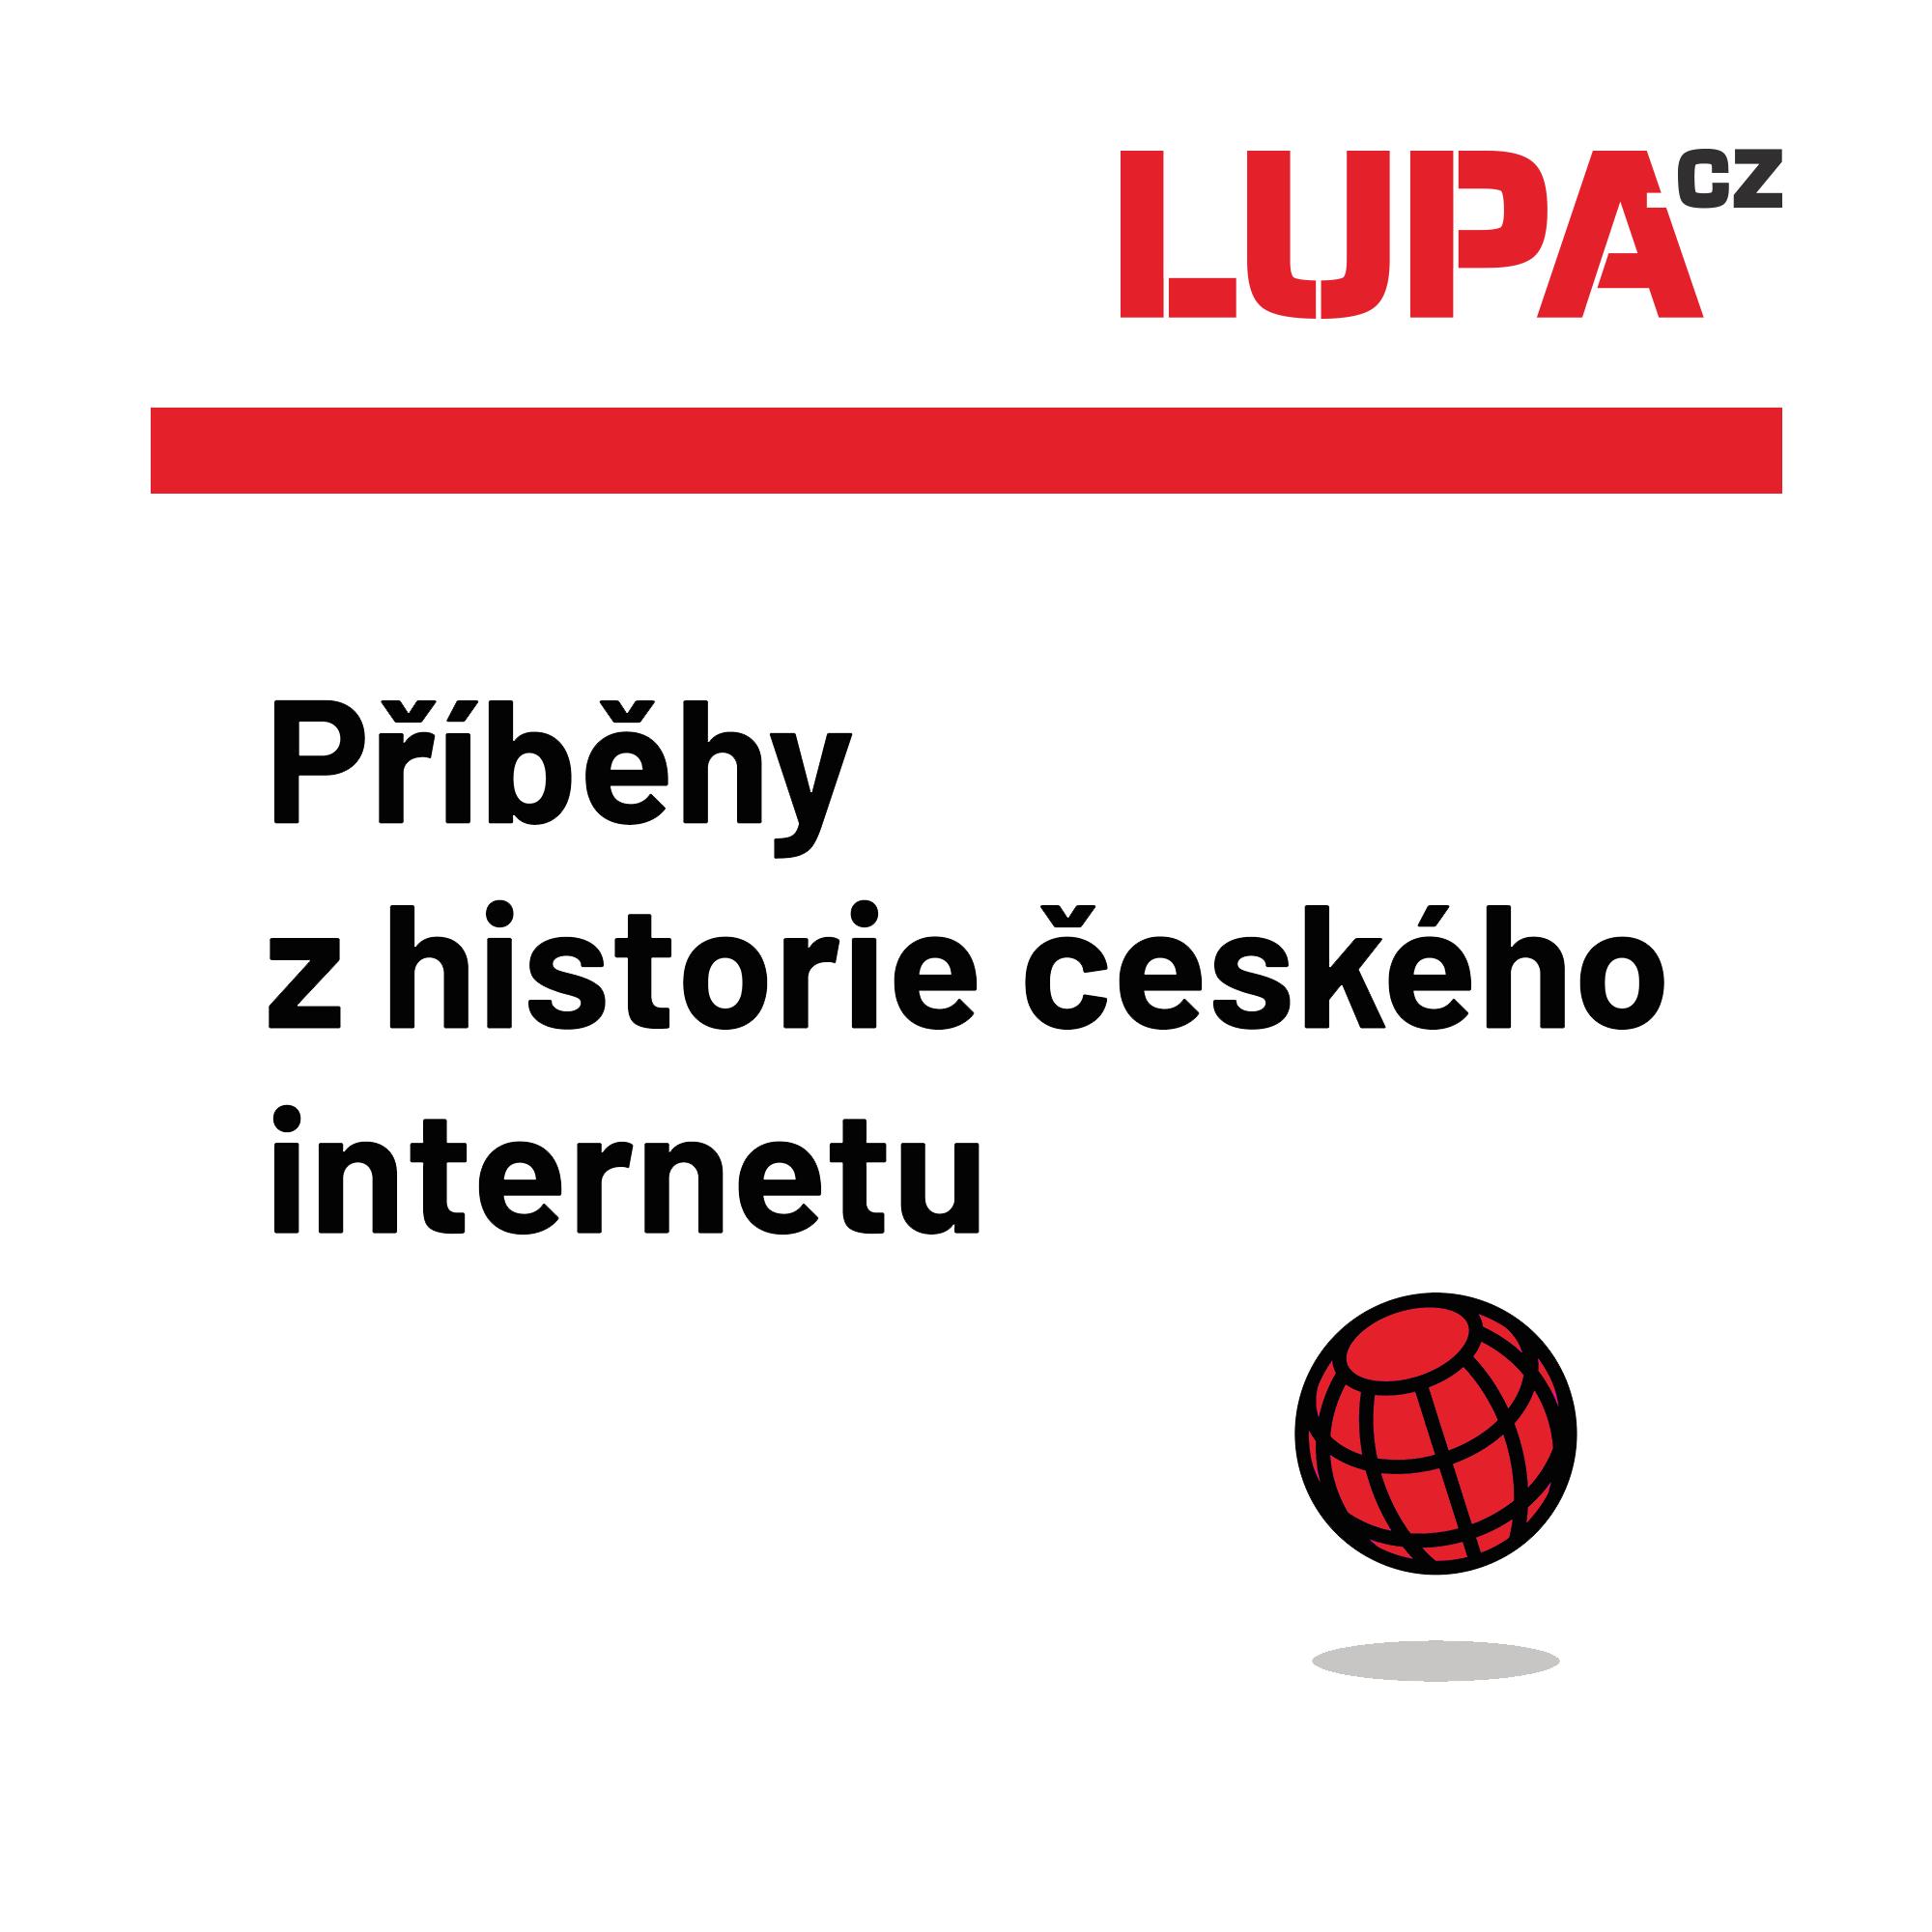 Příběhy zhistorie českého internetu: Od programování na papírovém počítači kvideohrám